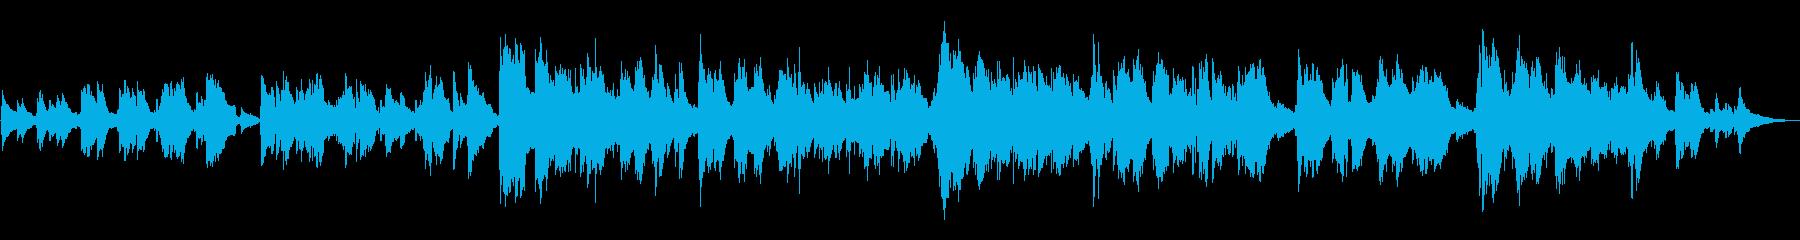 ゆっくりとした瞑想的な歌は、スパー...の再生済みの波形